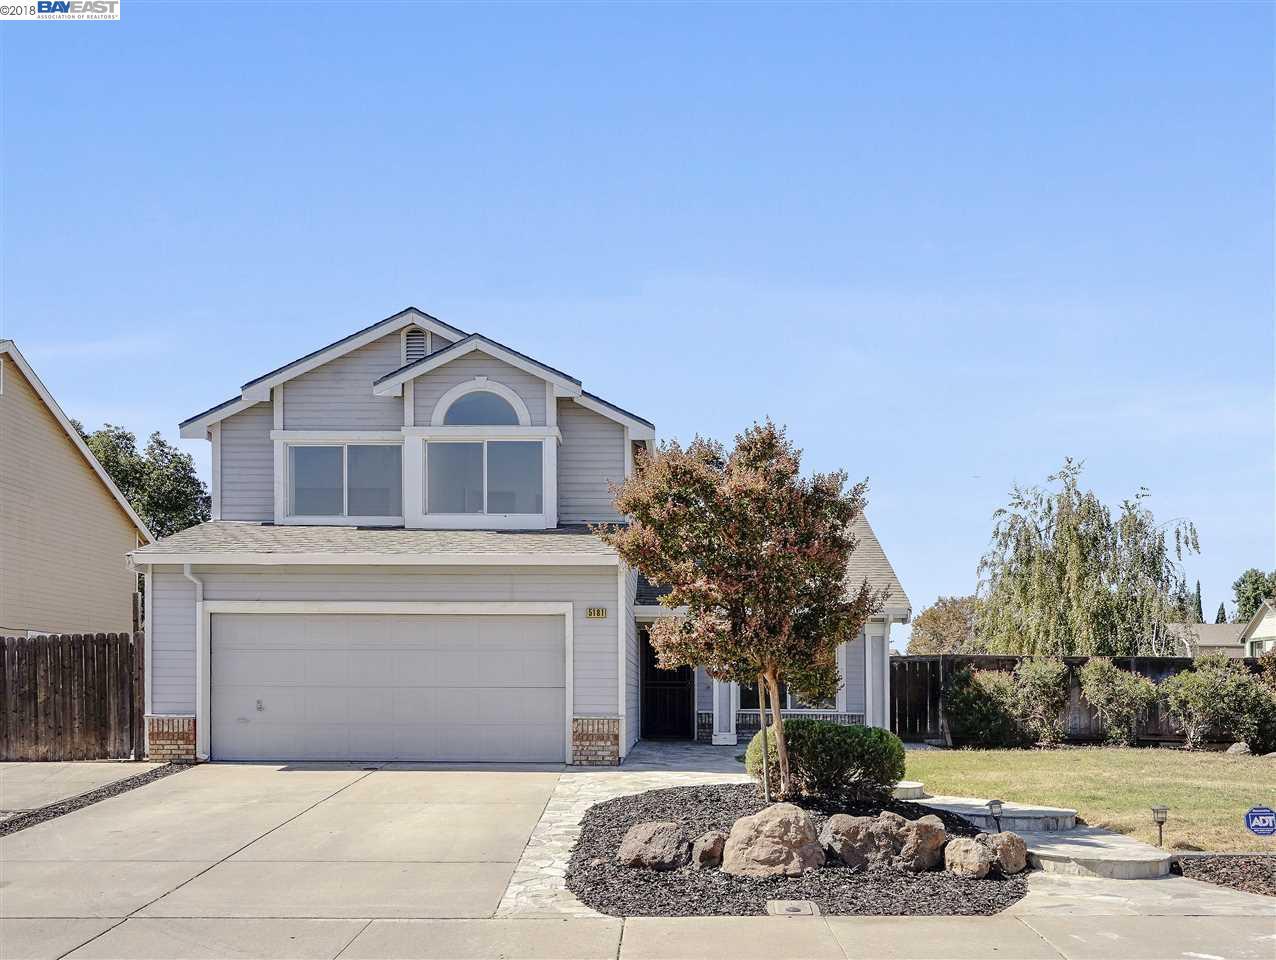 5181 Kegan Ln, OAKLEY, CA 94561